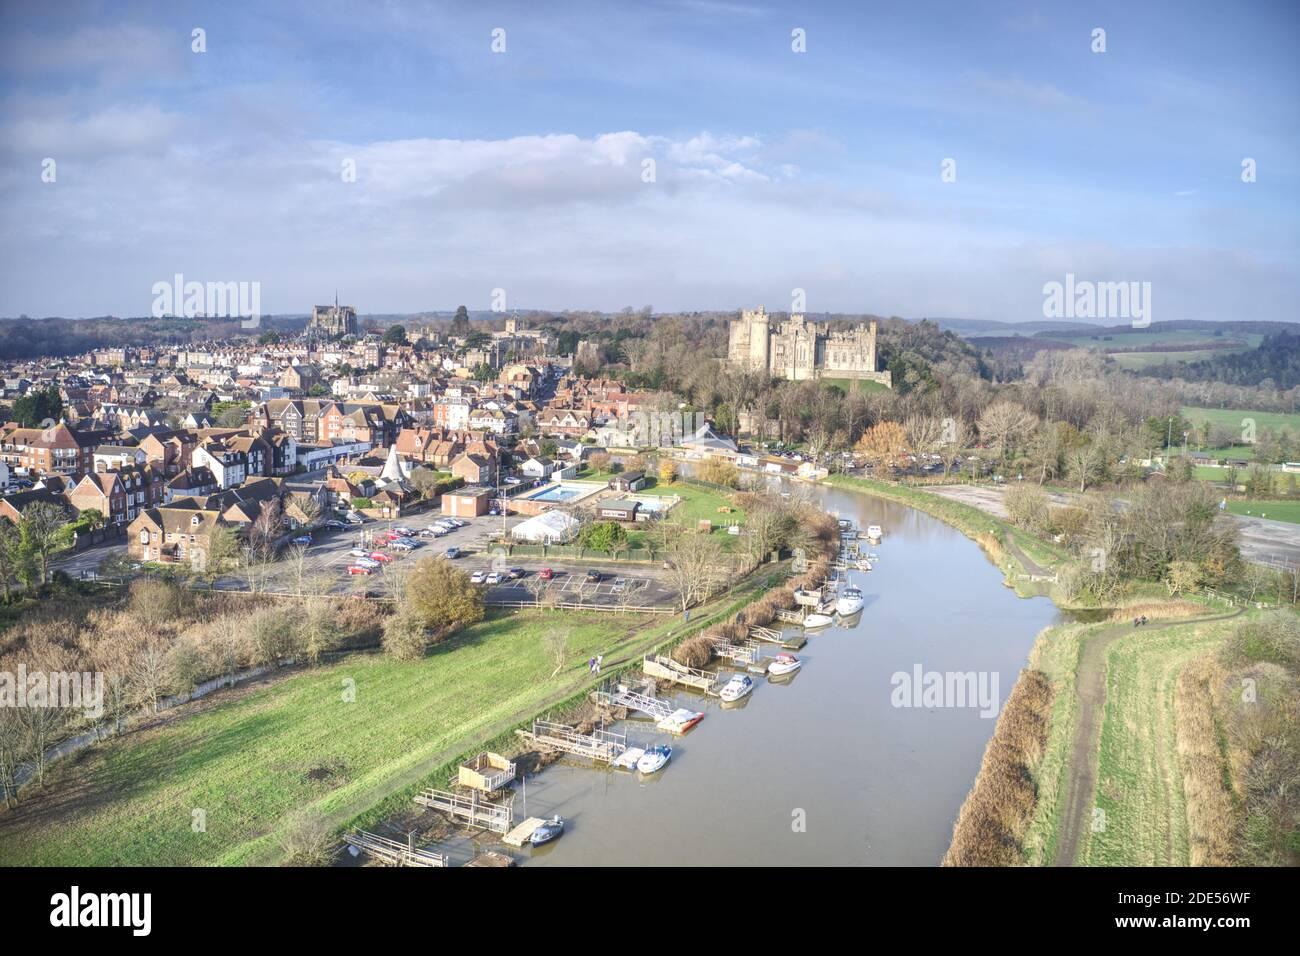 Foto aérea de la histórica ciudad de Arundel con el castillo y la catedral a la vista. Foto de stock